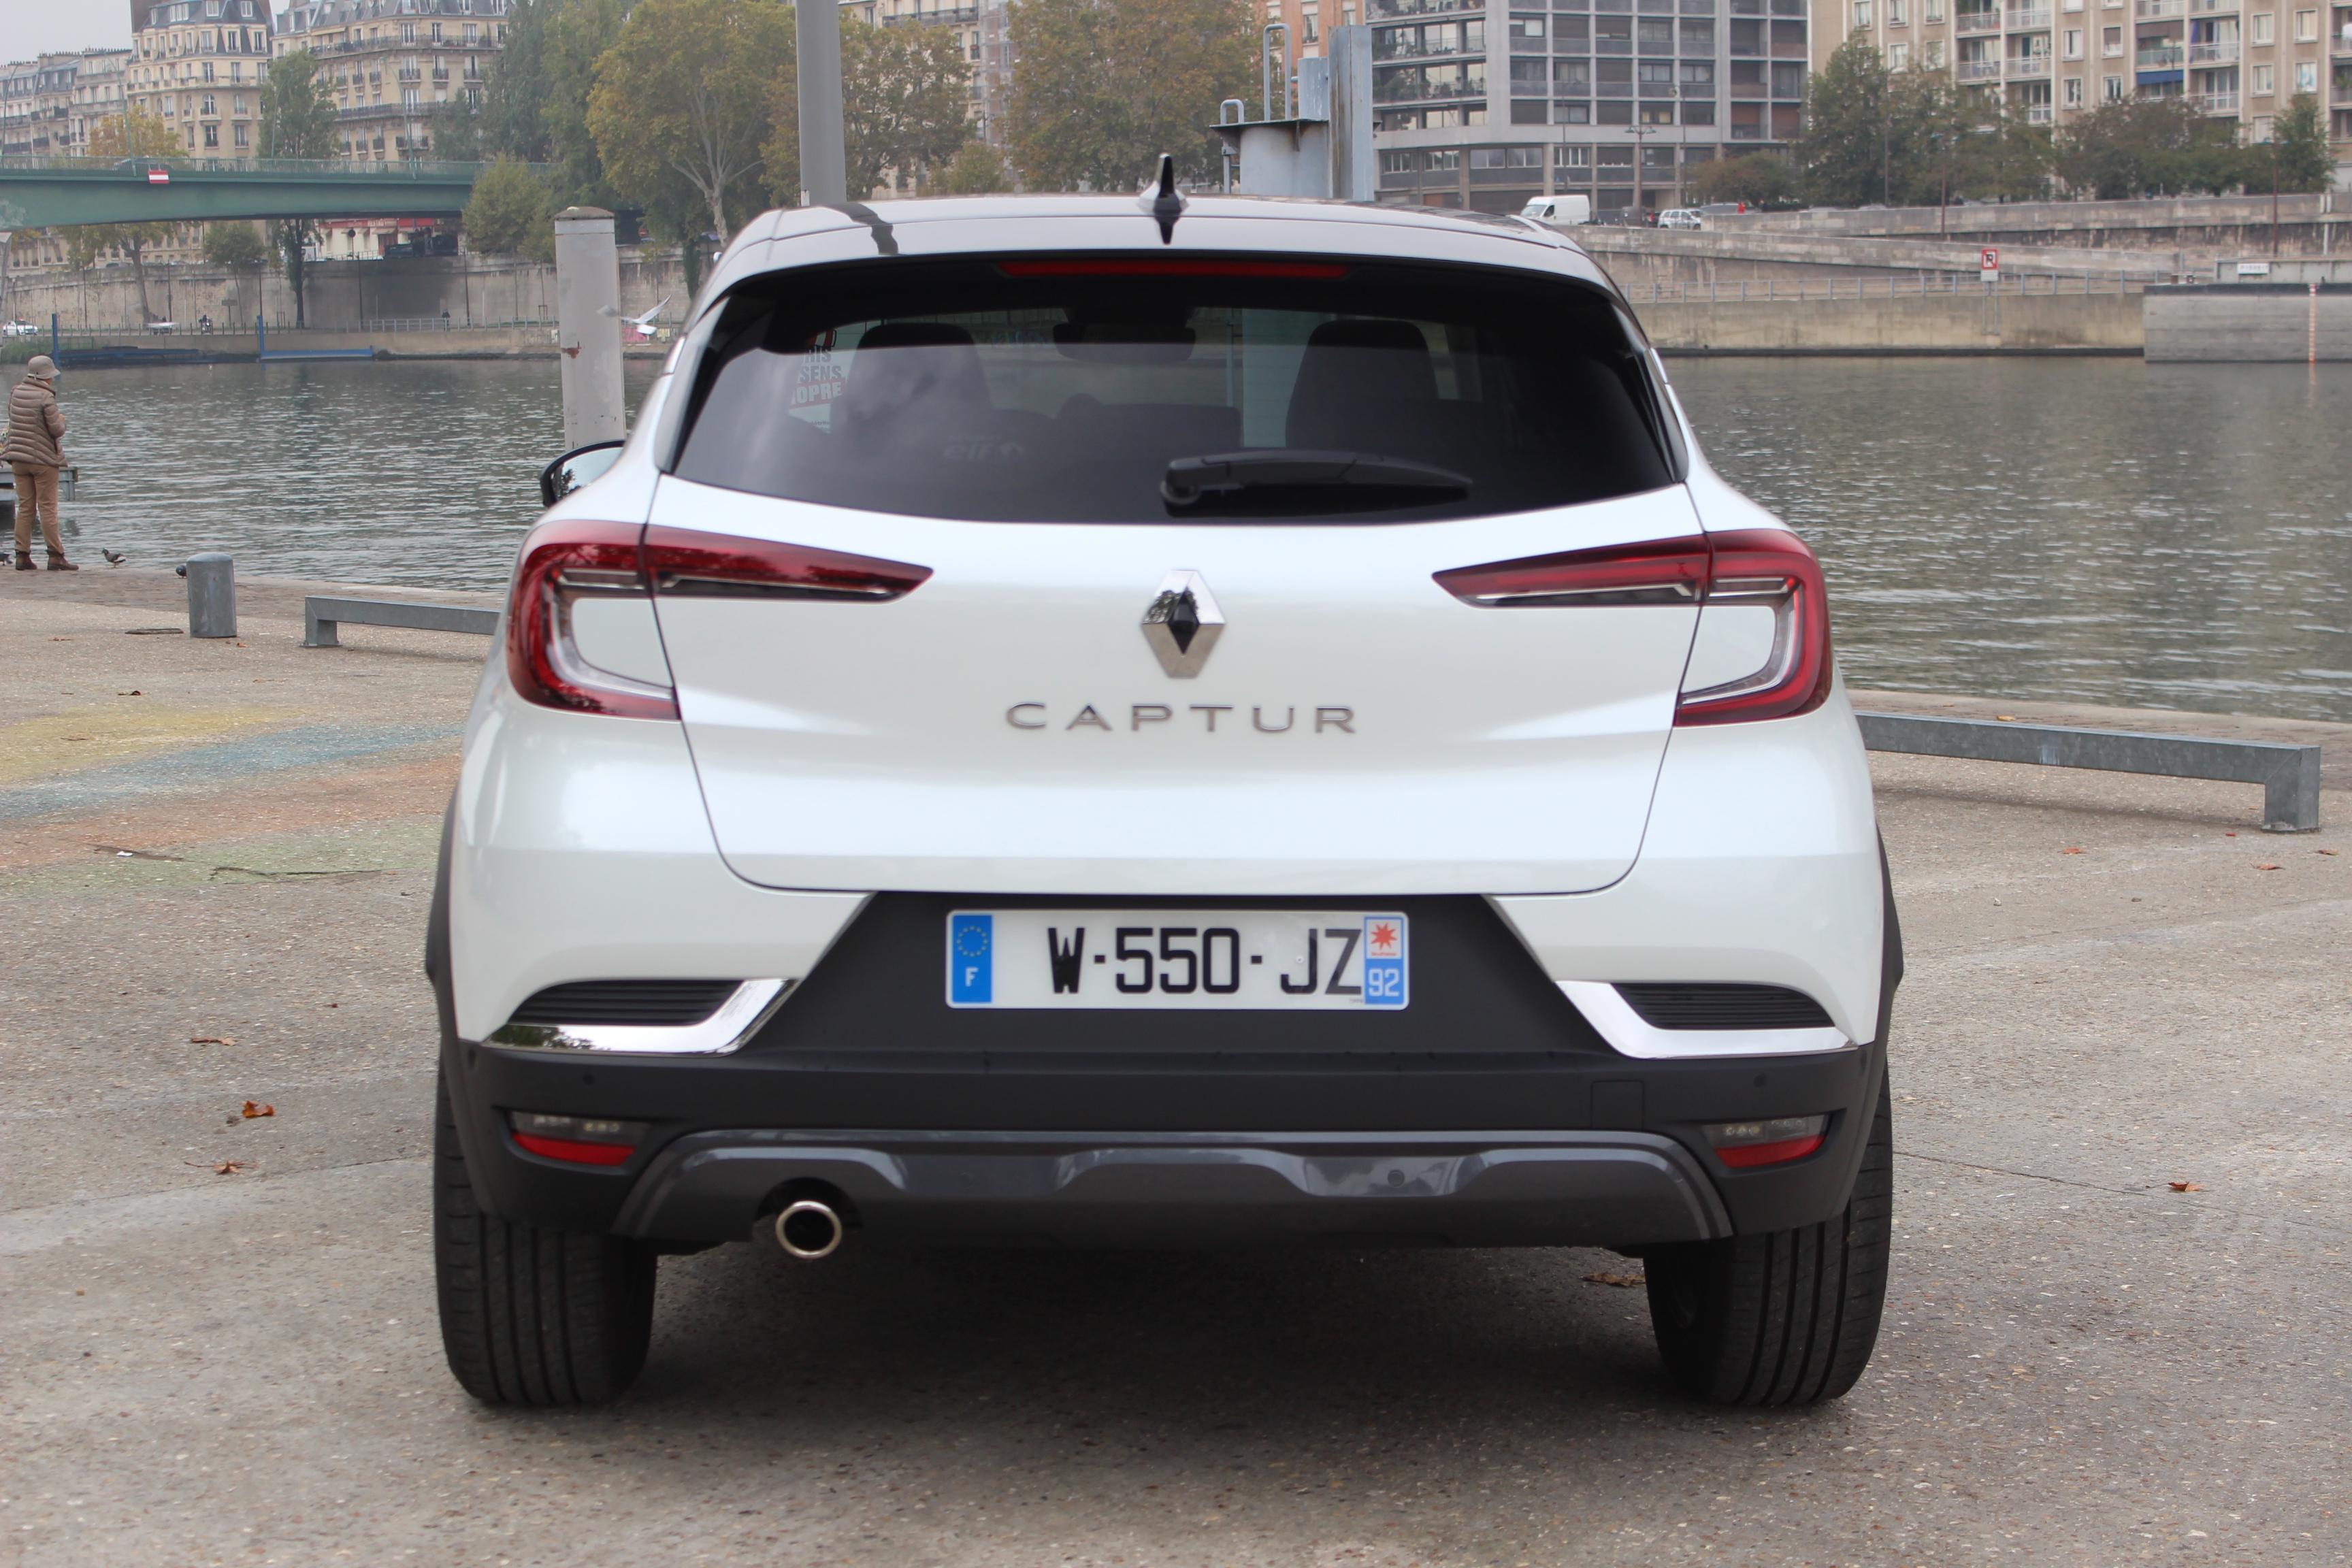 2019 - [Renault]  Captur II [HJB]  - Page 11 S0-essai-renault-captur-tce-155-ch-initiale-paris-que-vaut-le-captur-le-plus-puissant-et-le-plus-cher-610178